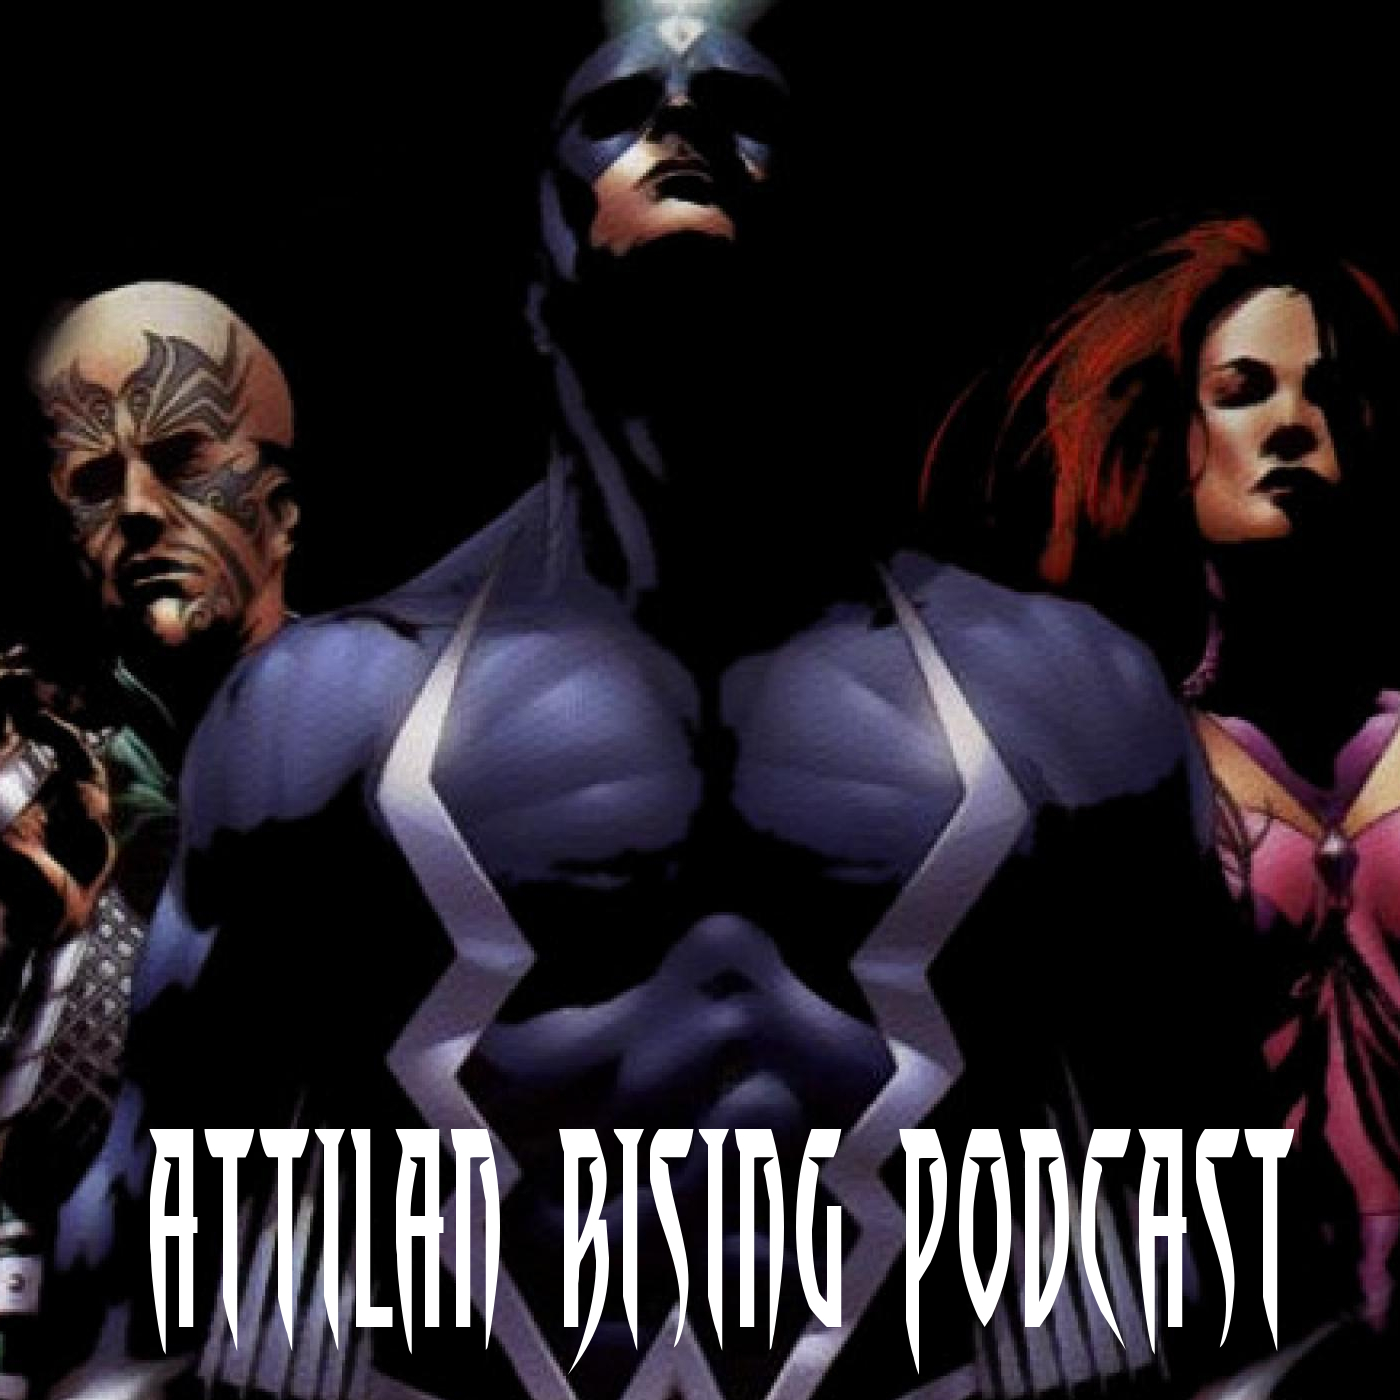 Attilan Rising - A Comicbook Podcast